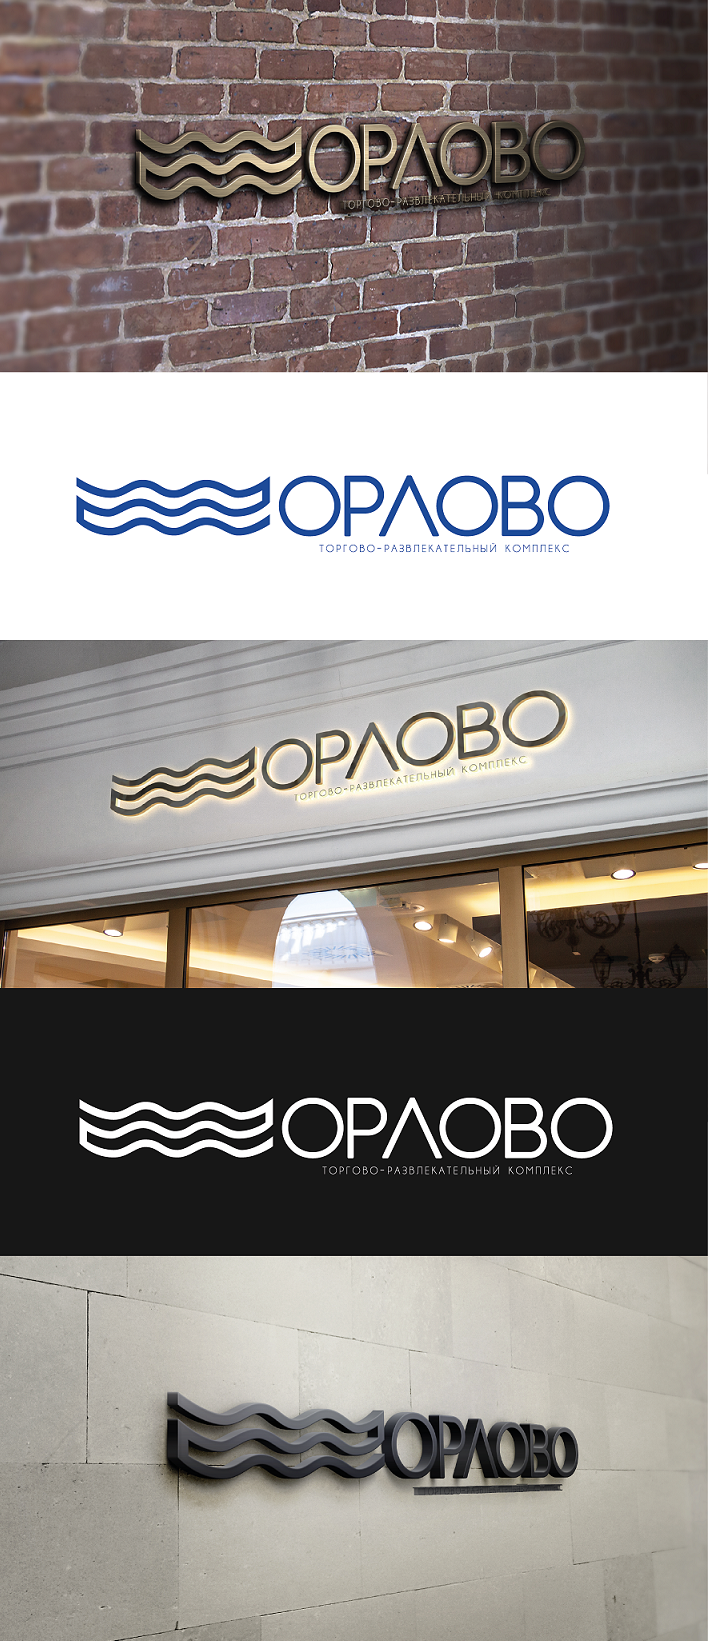 Разработка логотипа для Торгово-развлекательного комплекса фото f_009597375054ed69.png